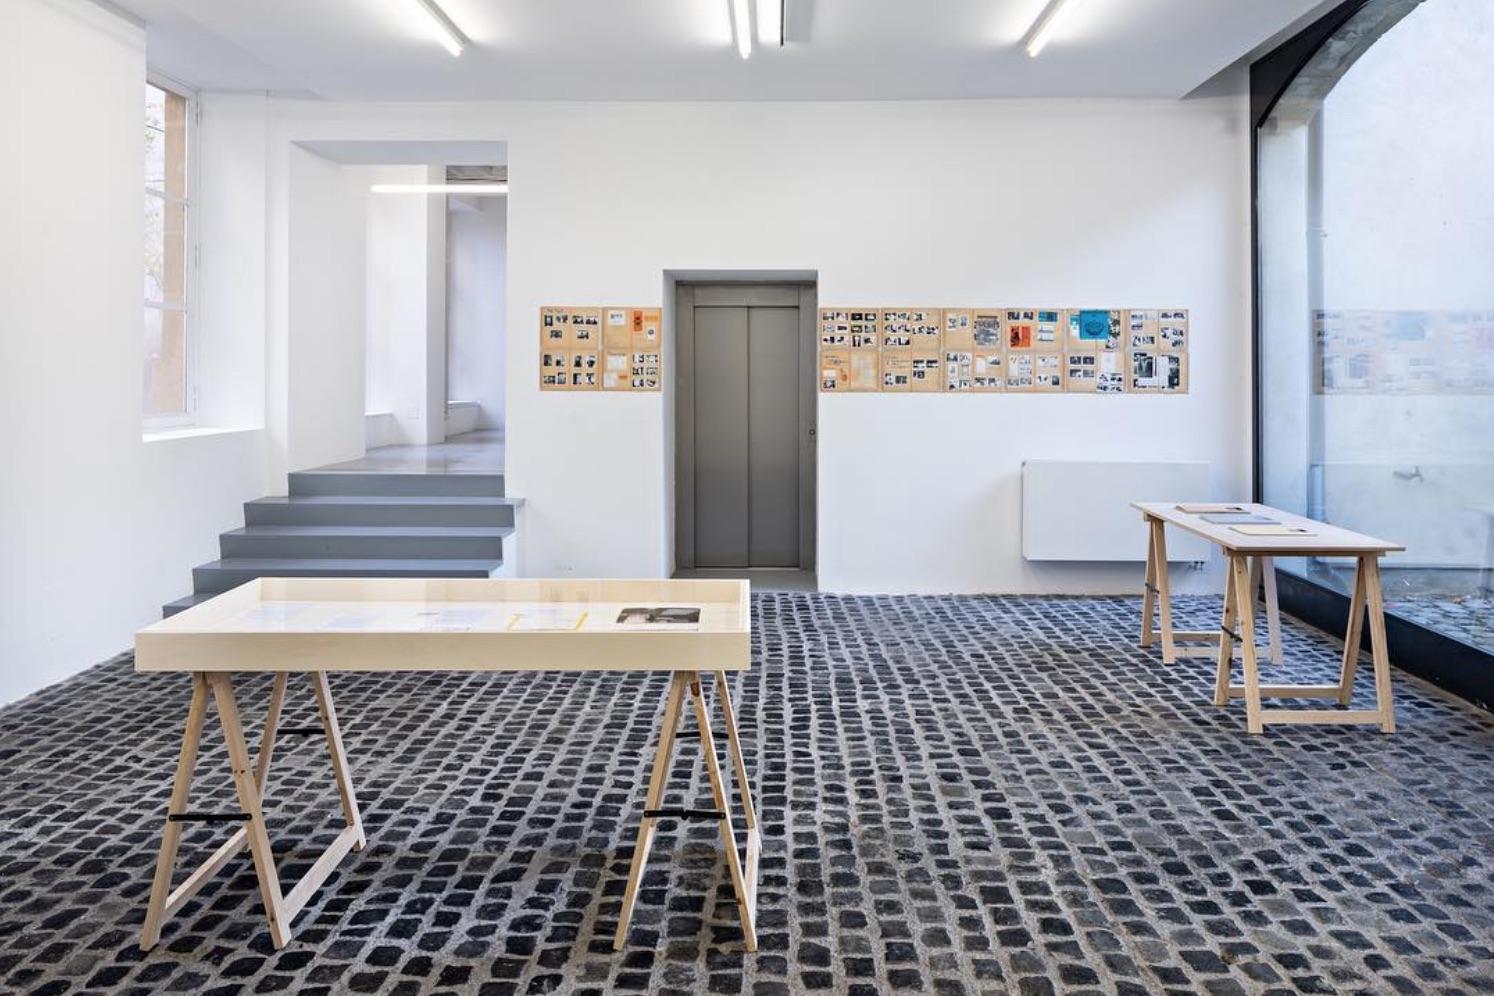 Fabriques de contre-savoirs Installation View, 2018 (Fabriques de contre-savoirs at 49 Nord 6 Est – Frac Lorraine 4)